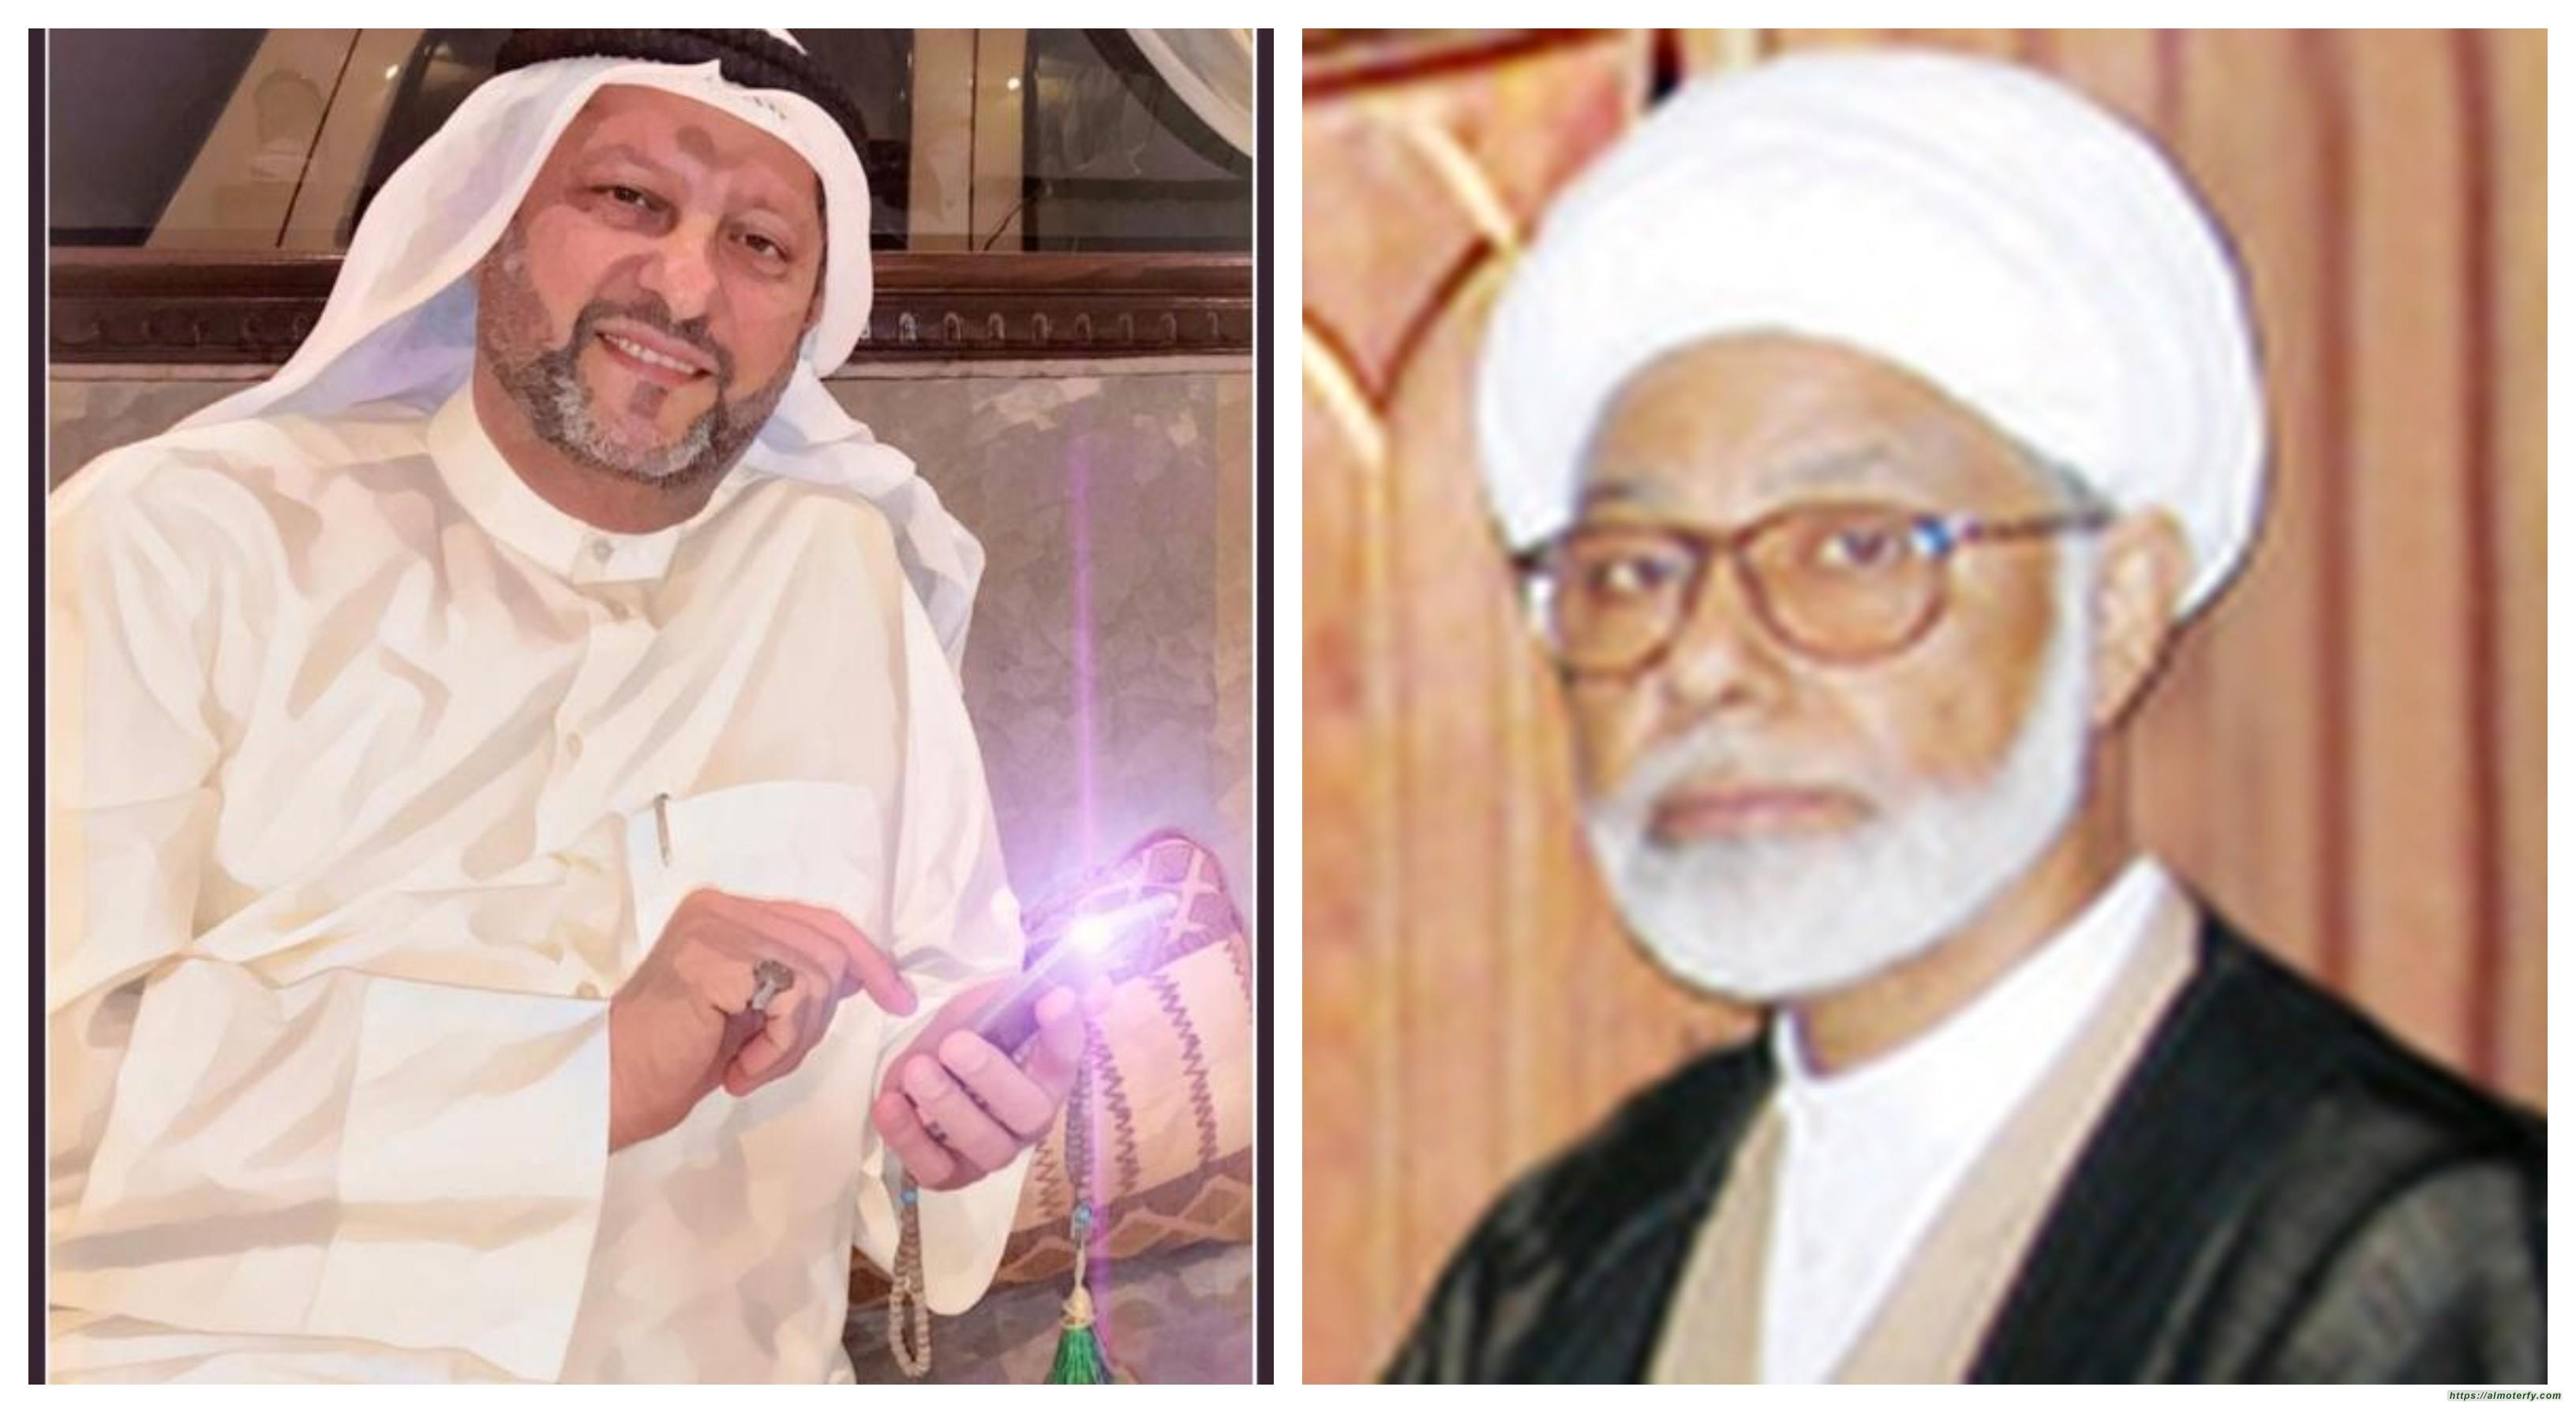 الشيخ عبدالله المزيدي (رحمه الله) عائلة المزيدي اسرة  علميه جليلة